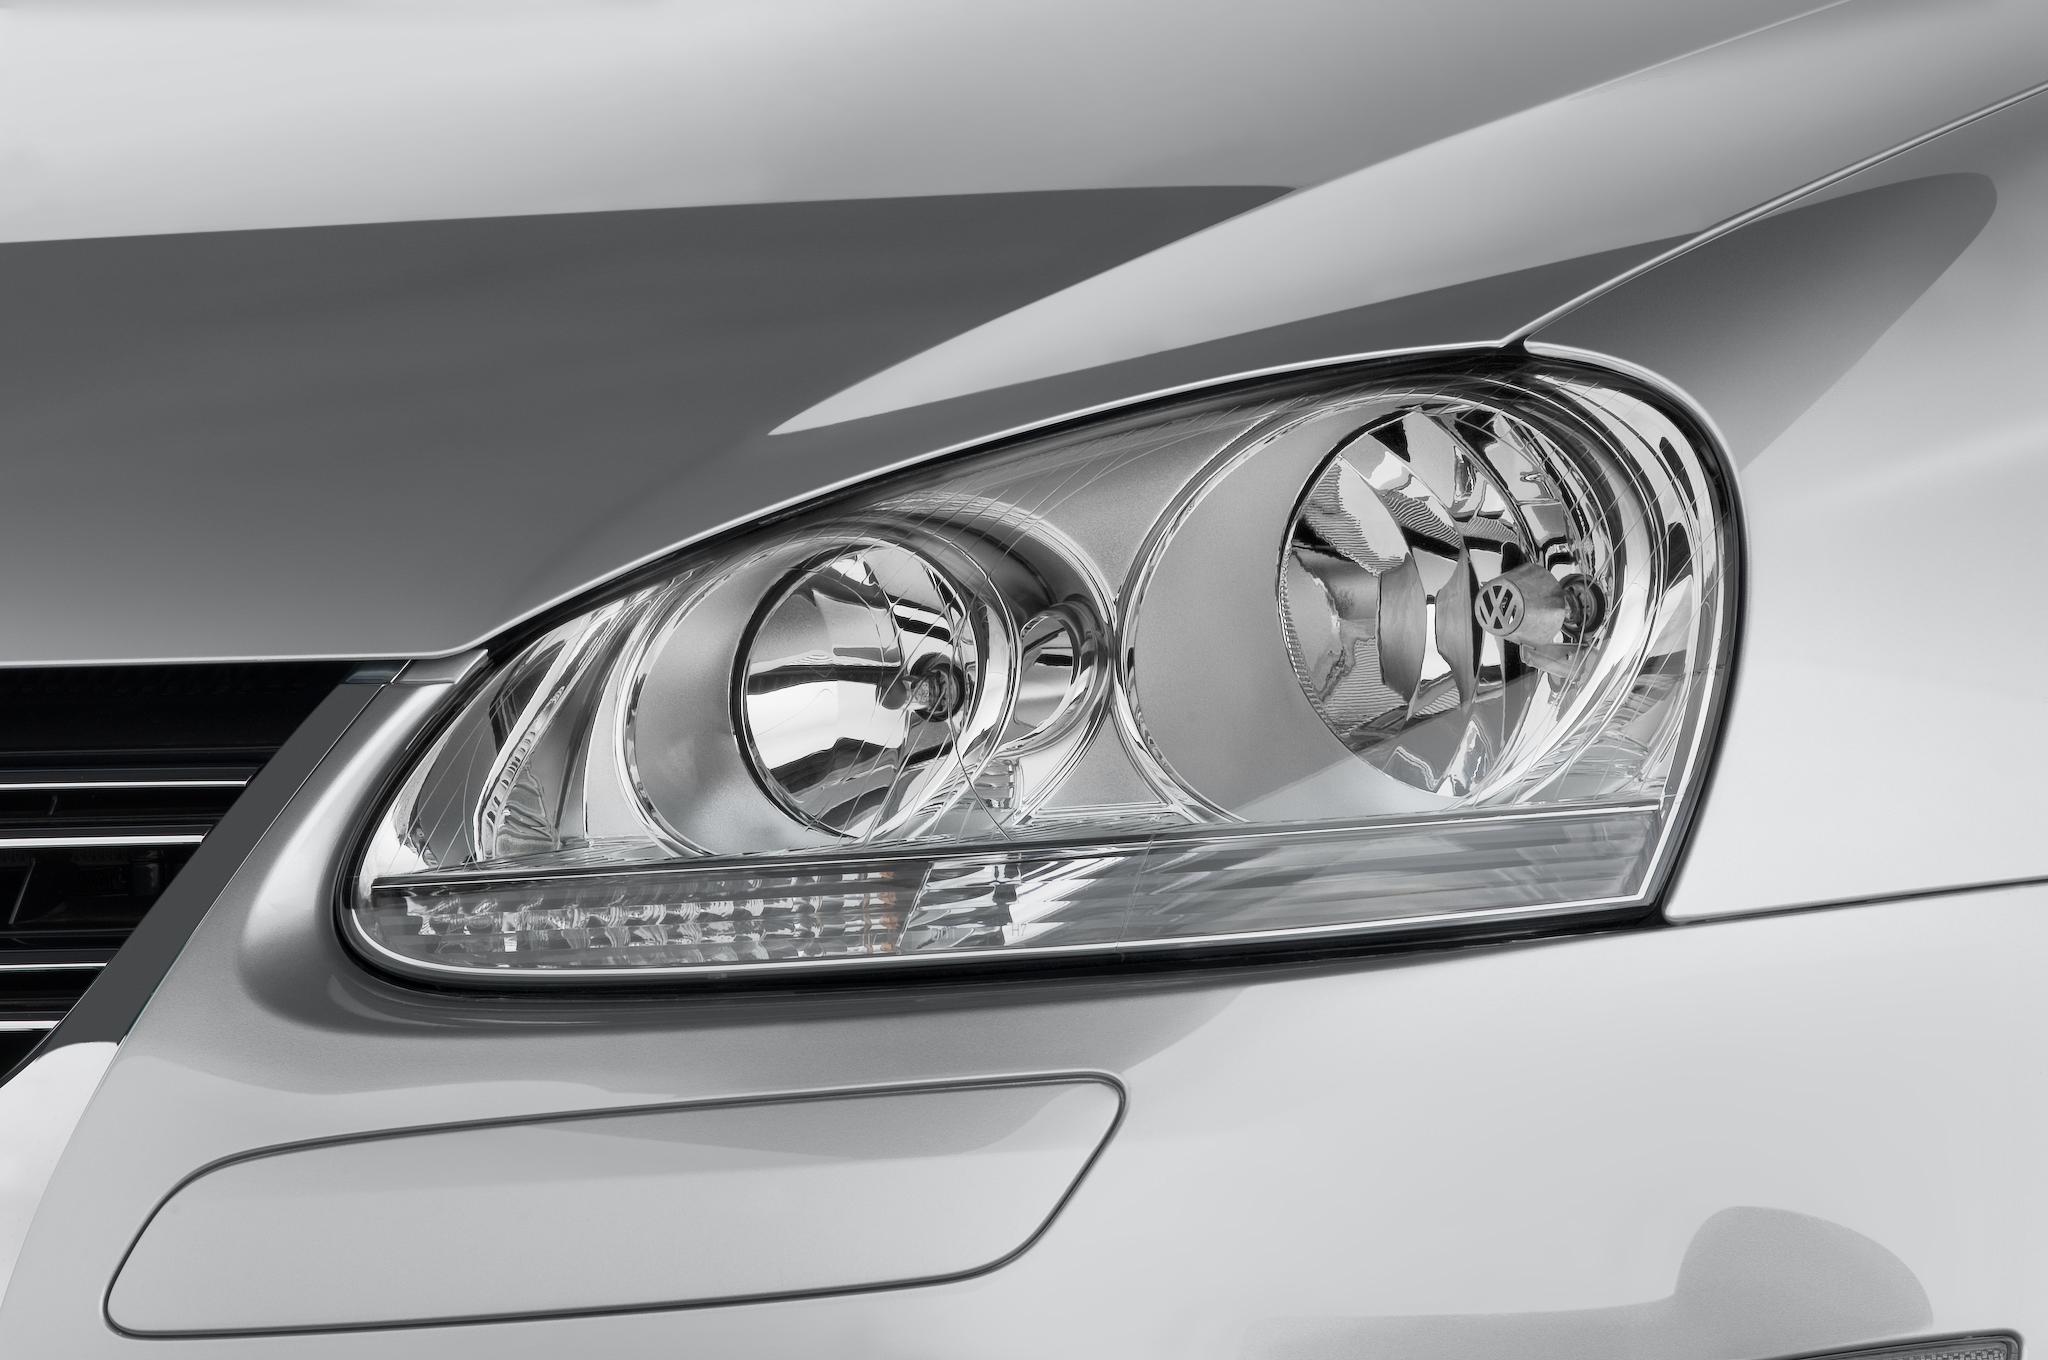 2010 Volkswagen Jetta Tdi Cup Edition Automobile Magazine Cover Headlamp Satria Fu Gen3 30 100